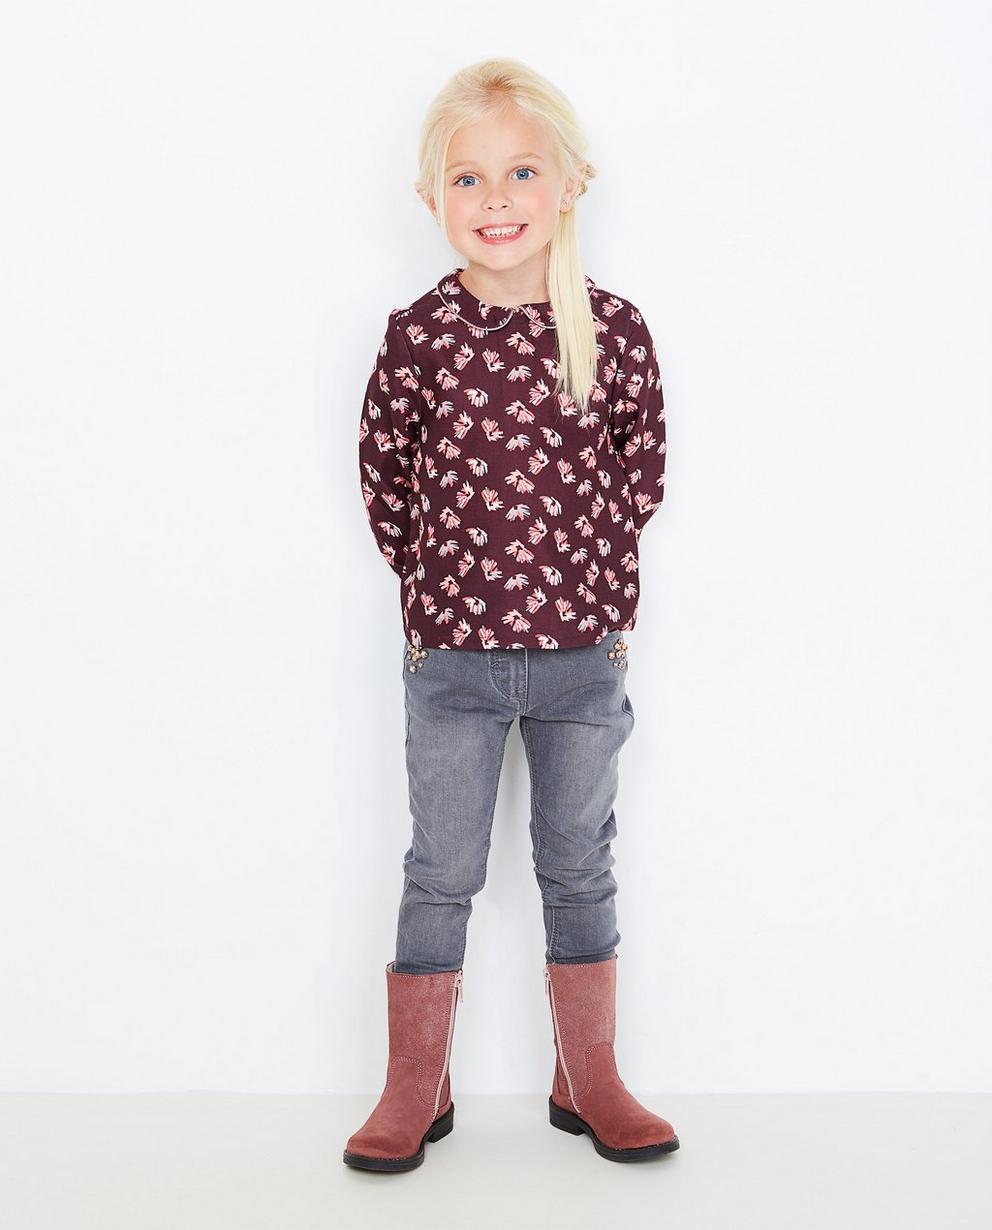 Purperen blouse met print - Hampton Bays - Hampton Bays